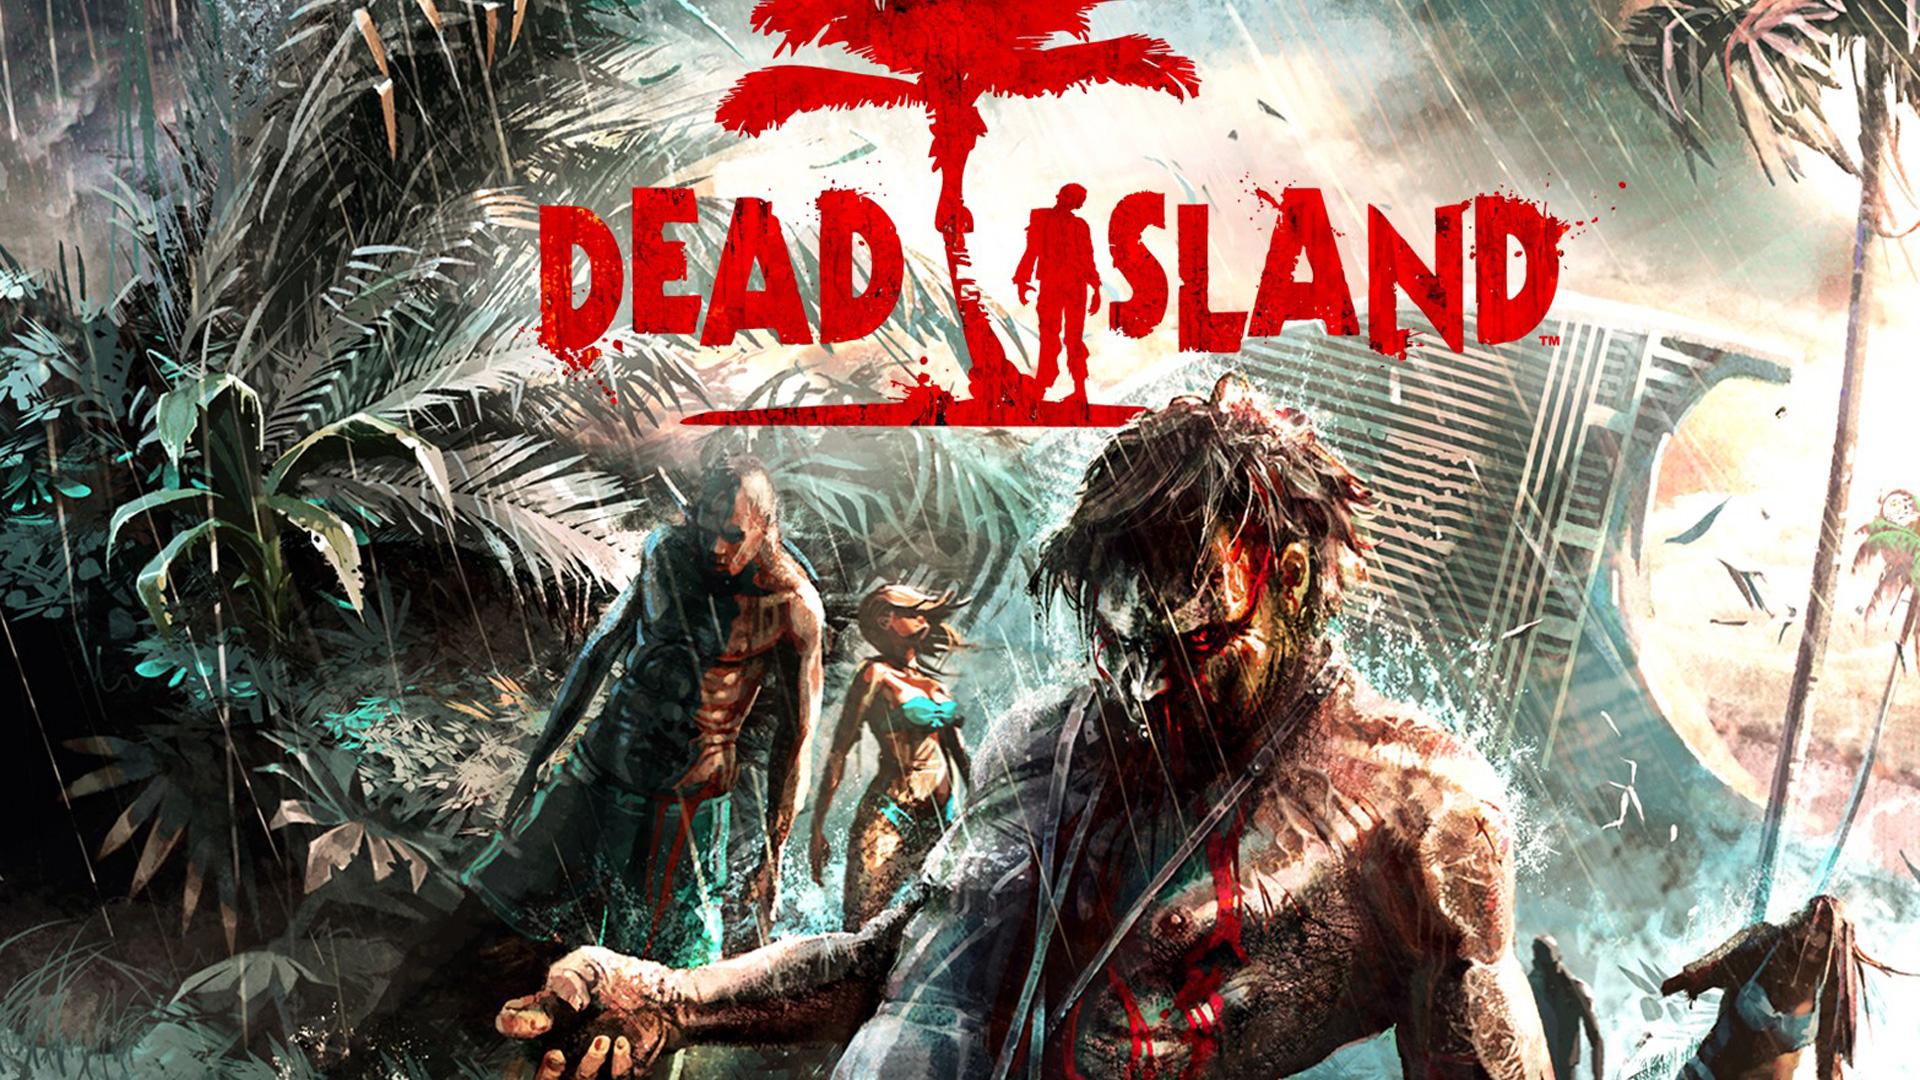 Dead Island Pc | wallpaper, wallpaper hd, background desktop